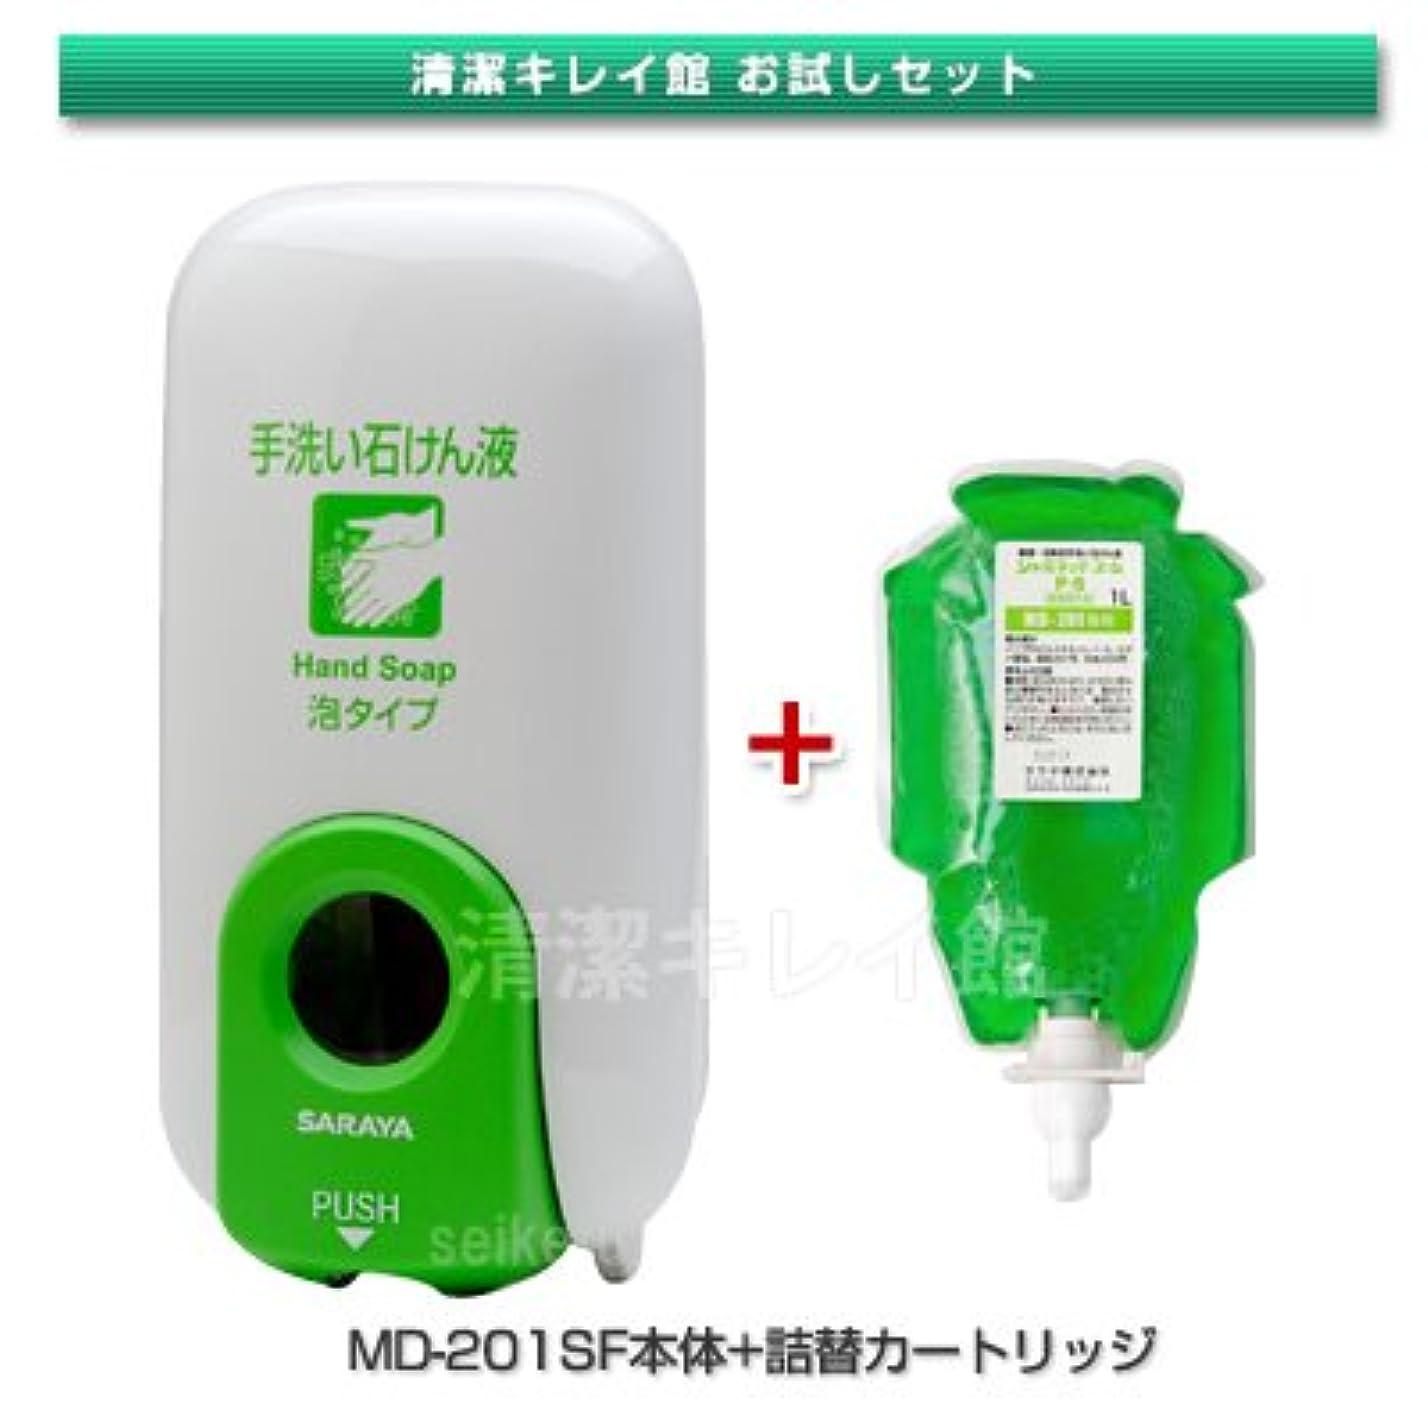 ダニマティス背骨サラヤ プッシュ式石鹸液 MD-201SF(泡)【清潔キレイ館お試しセット】(本体とカートリッジ/ユムP-5)